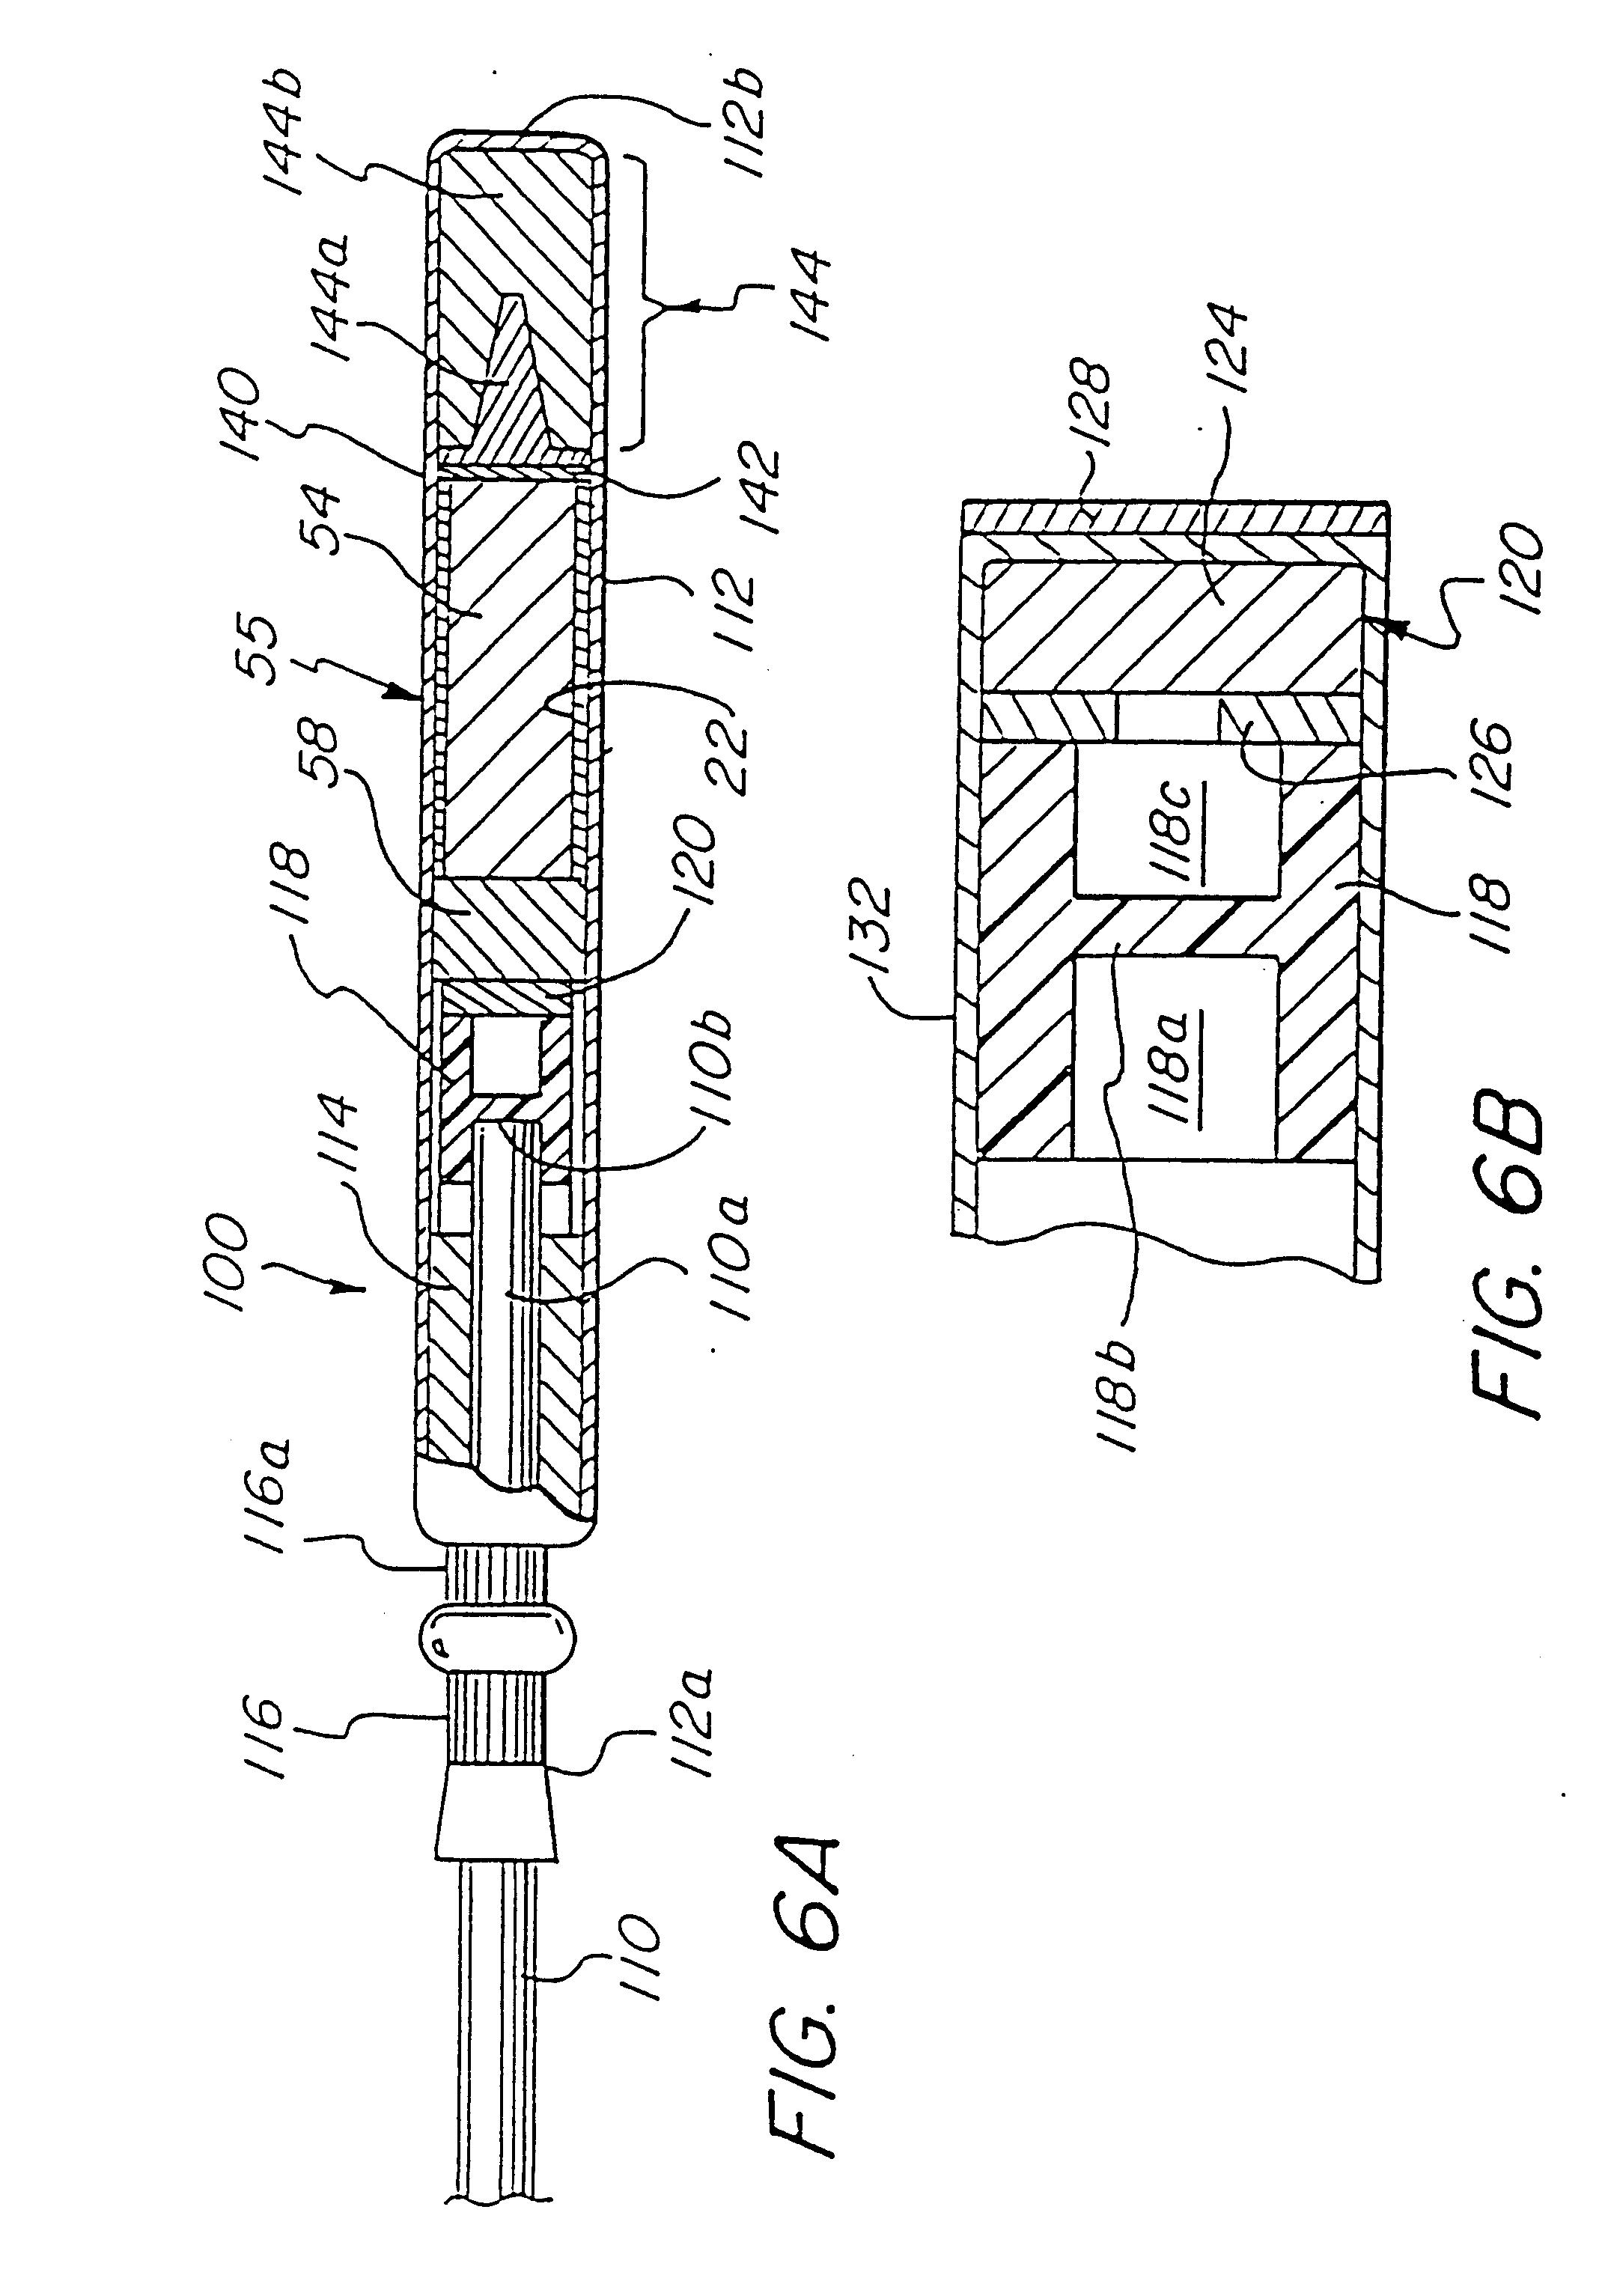 brevetto us6311621